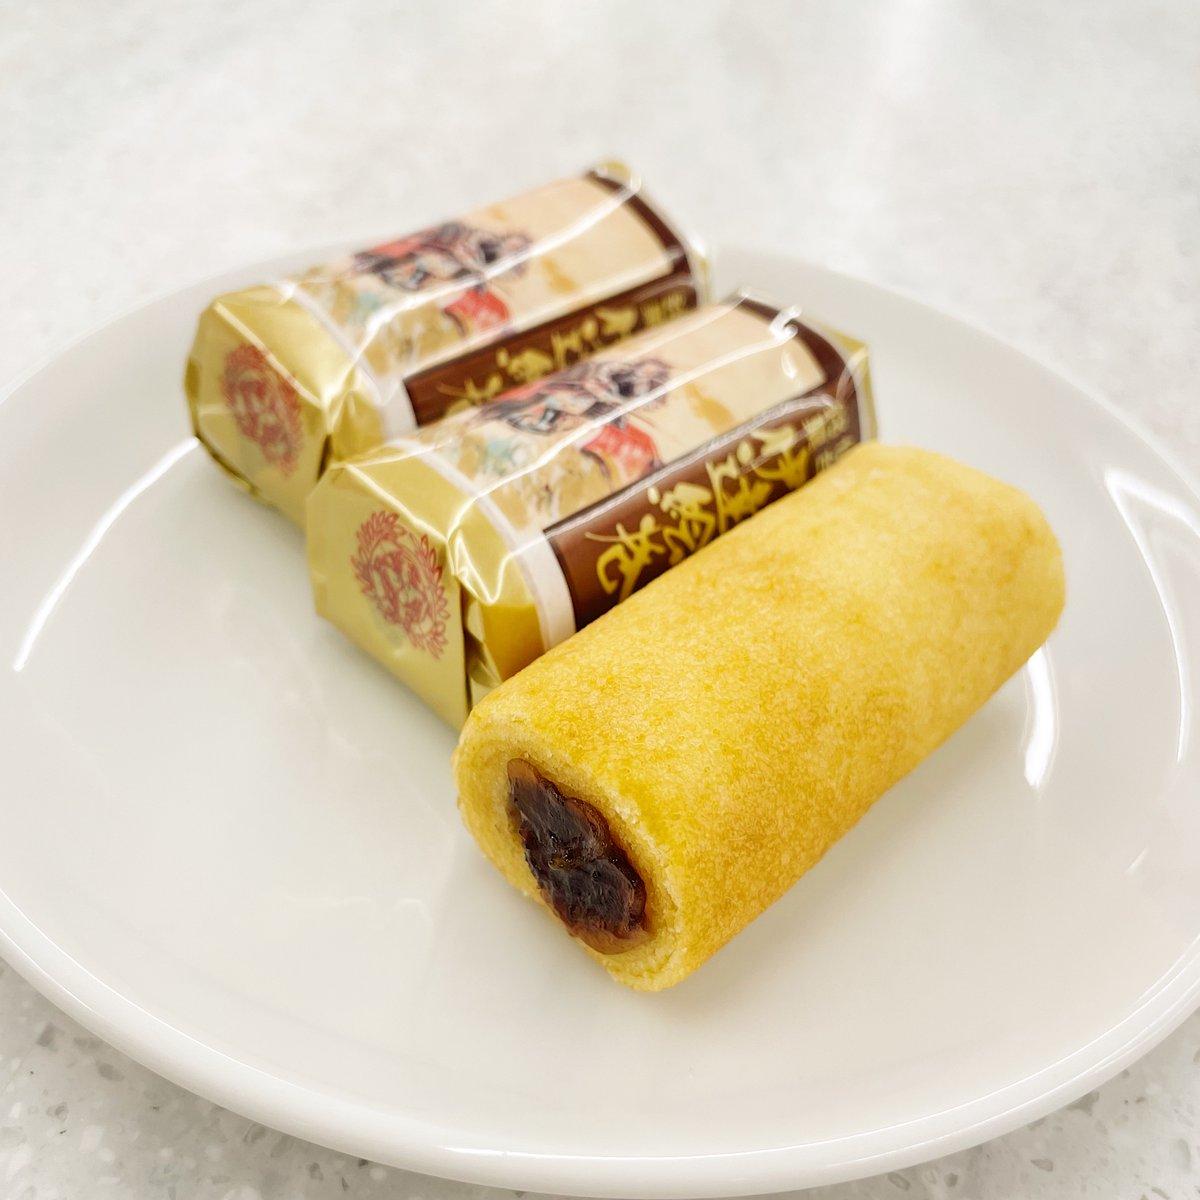 test ツイッターメディア - ✨#仙台 で買った美味しいお土産✨  ボリューム満点の和洋菓子「 #伊達絵巻」  「#萩の月」で有名な #菓匠三全 のミニバウムクーヘンです!小倉あんとクリームの2種類があり、和と洋両方の味を楽しめます。#伊達政宗 公が描かれた包装からは仙台の歴史を感じられます🏇 https://t.co/zyTuqOy8M7